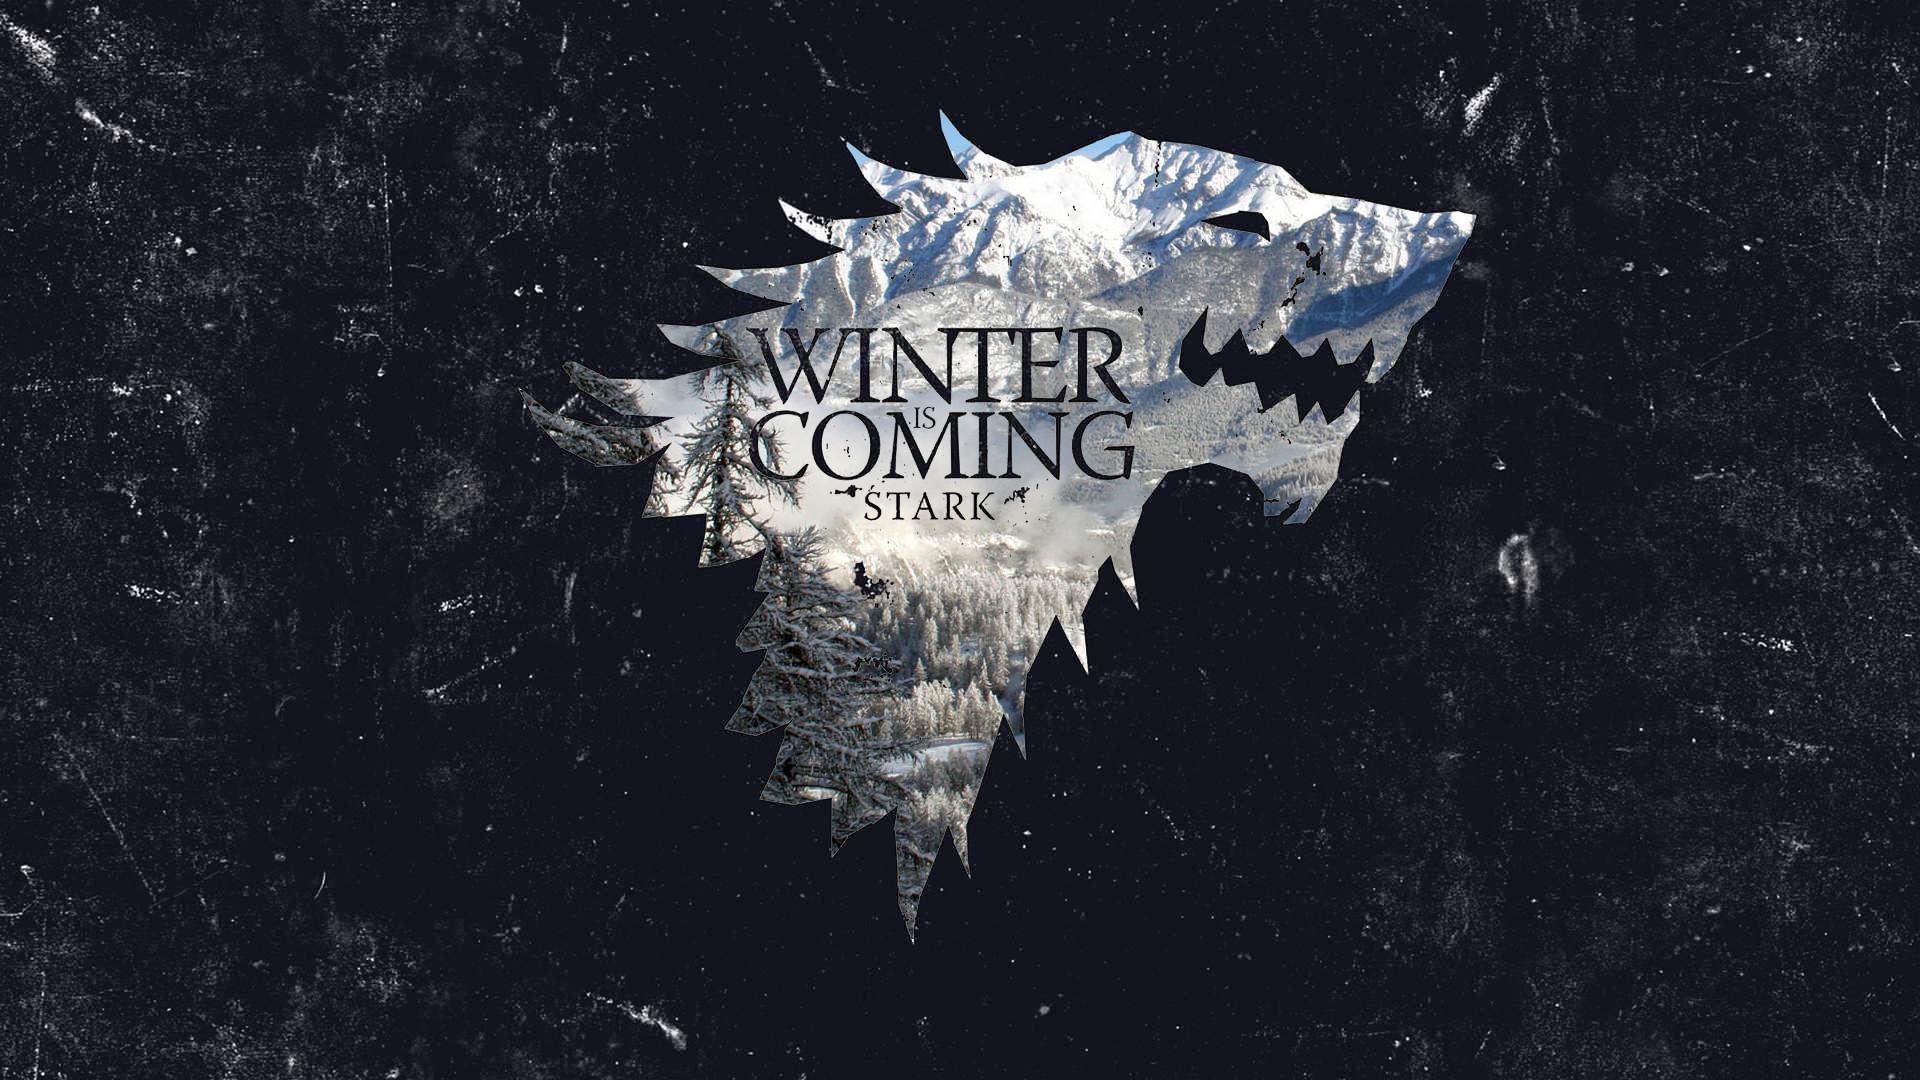 Game of thrones : les personnages de la maison Stark